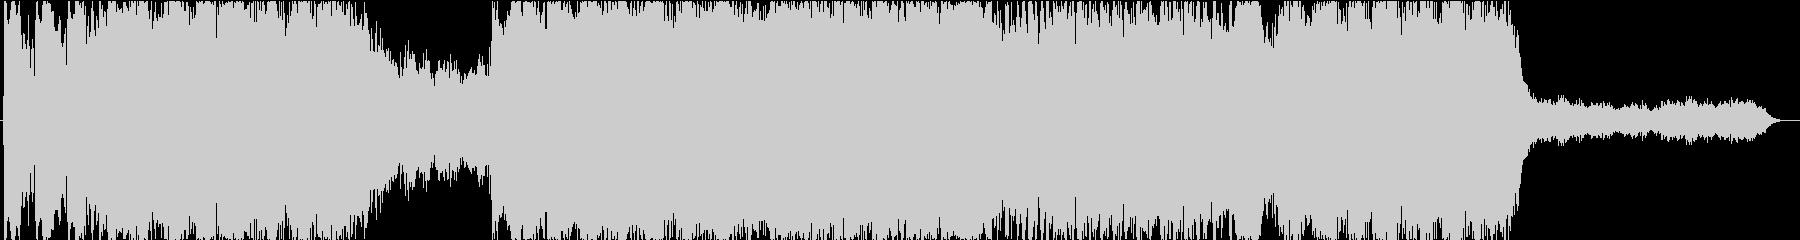 シネマティックなダークファンタジーBGMの未再生の波形